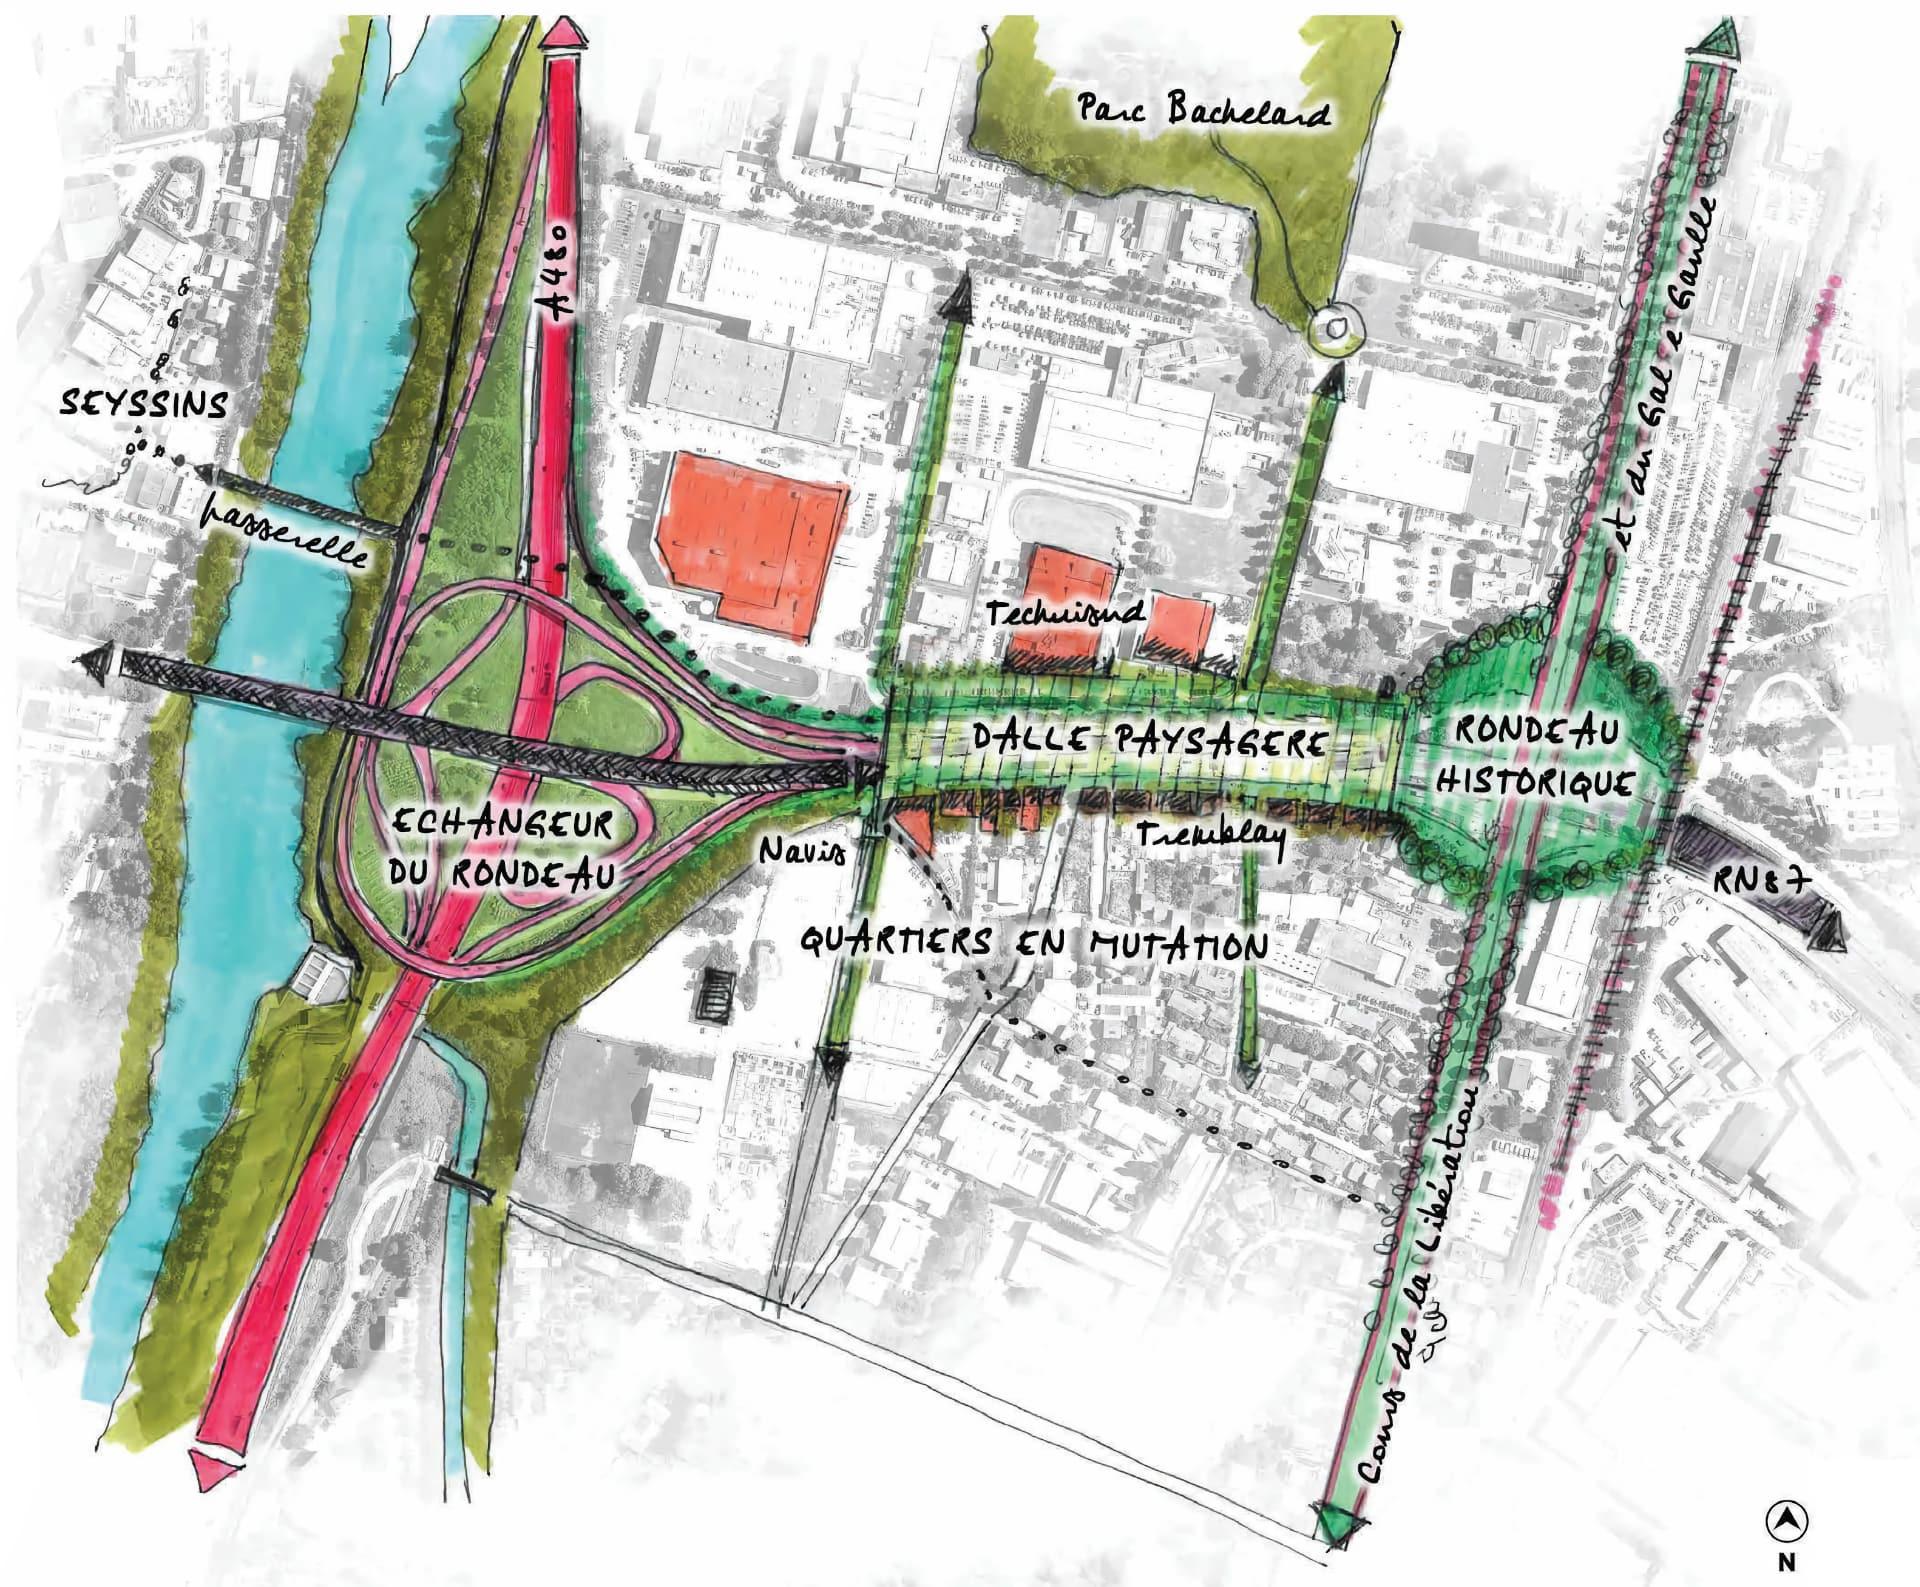 Croquis des nouveaux aménagements du Rondeau à Grenoble